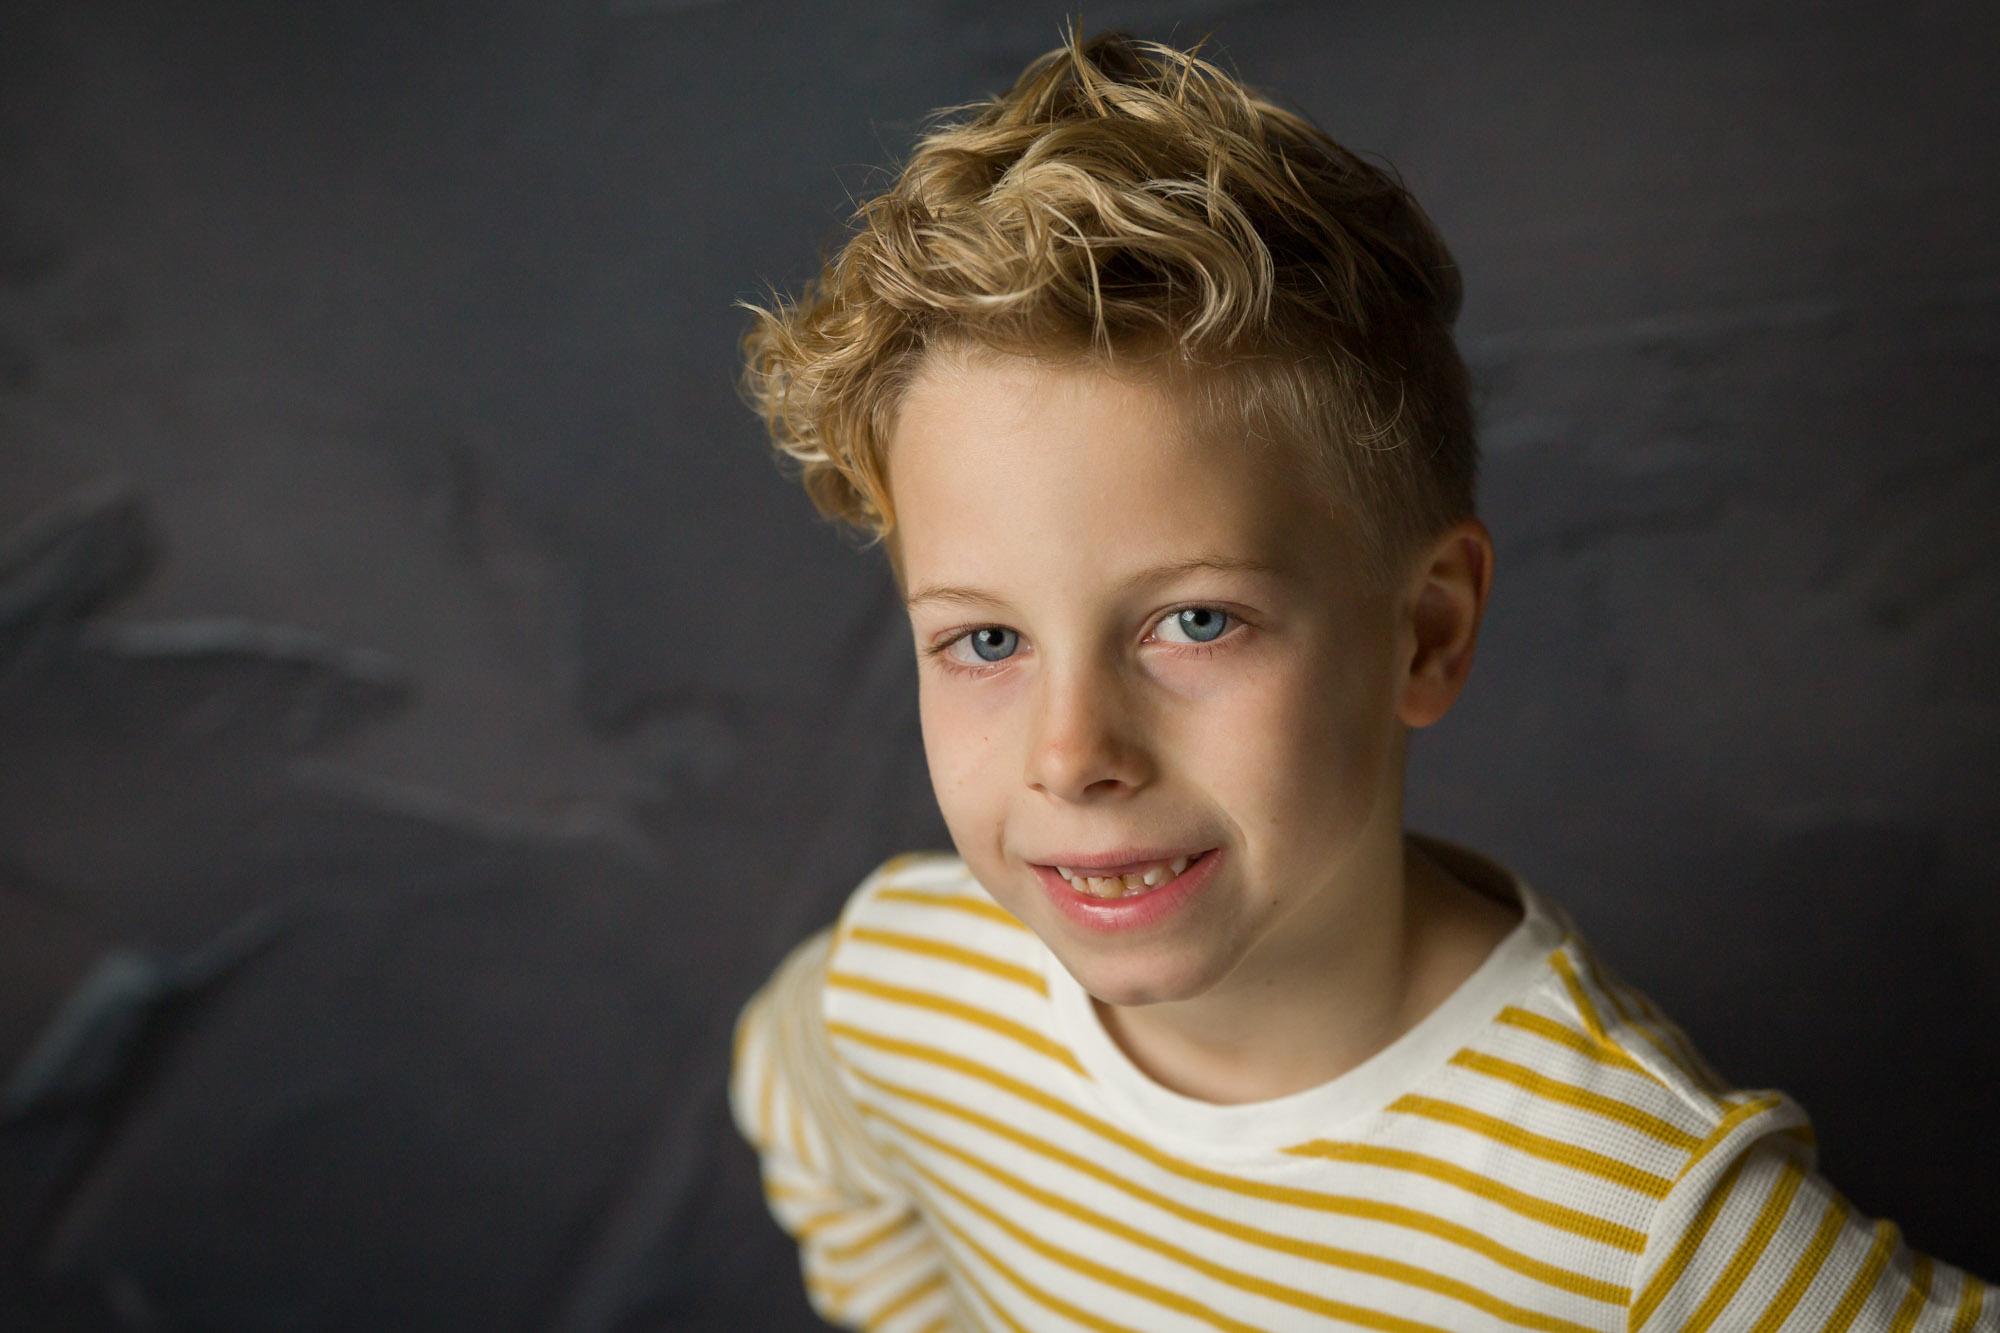 portret van blonde lachende jongen in studio met natuurlijk licht door MayraFotografie